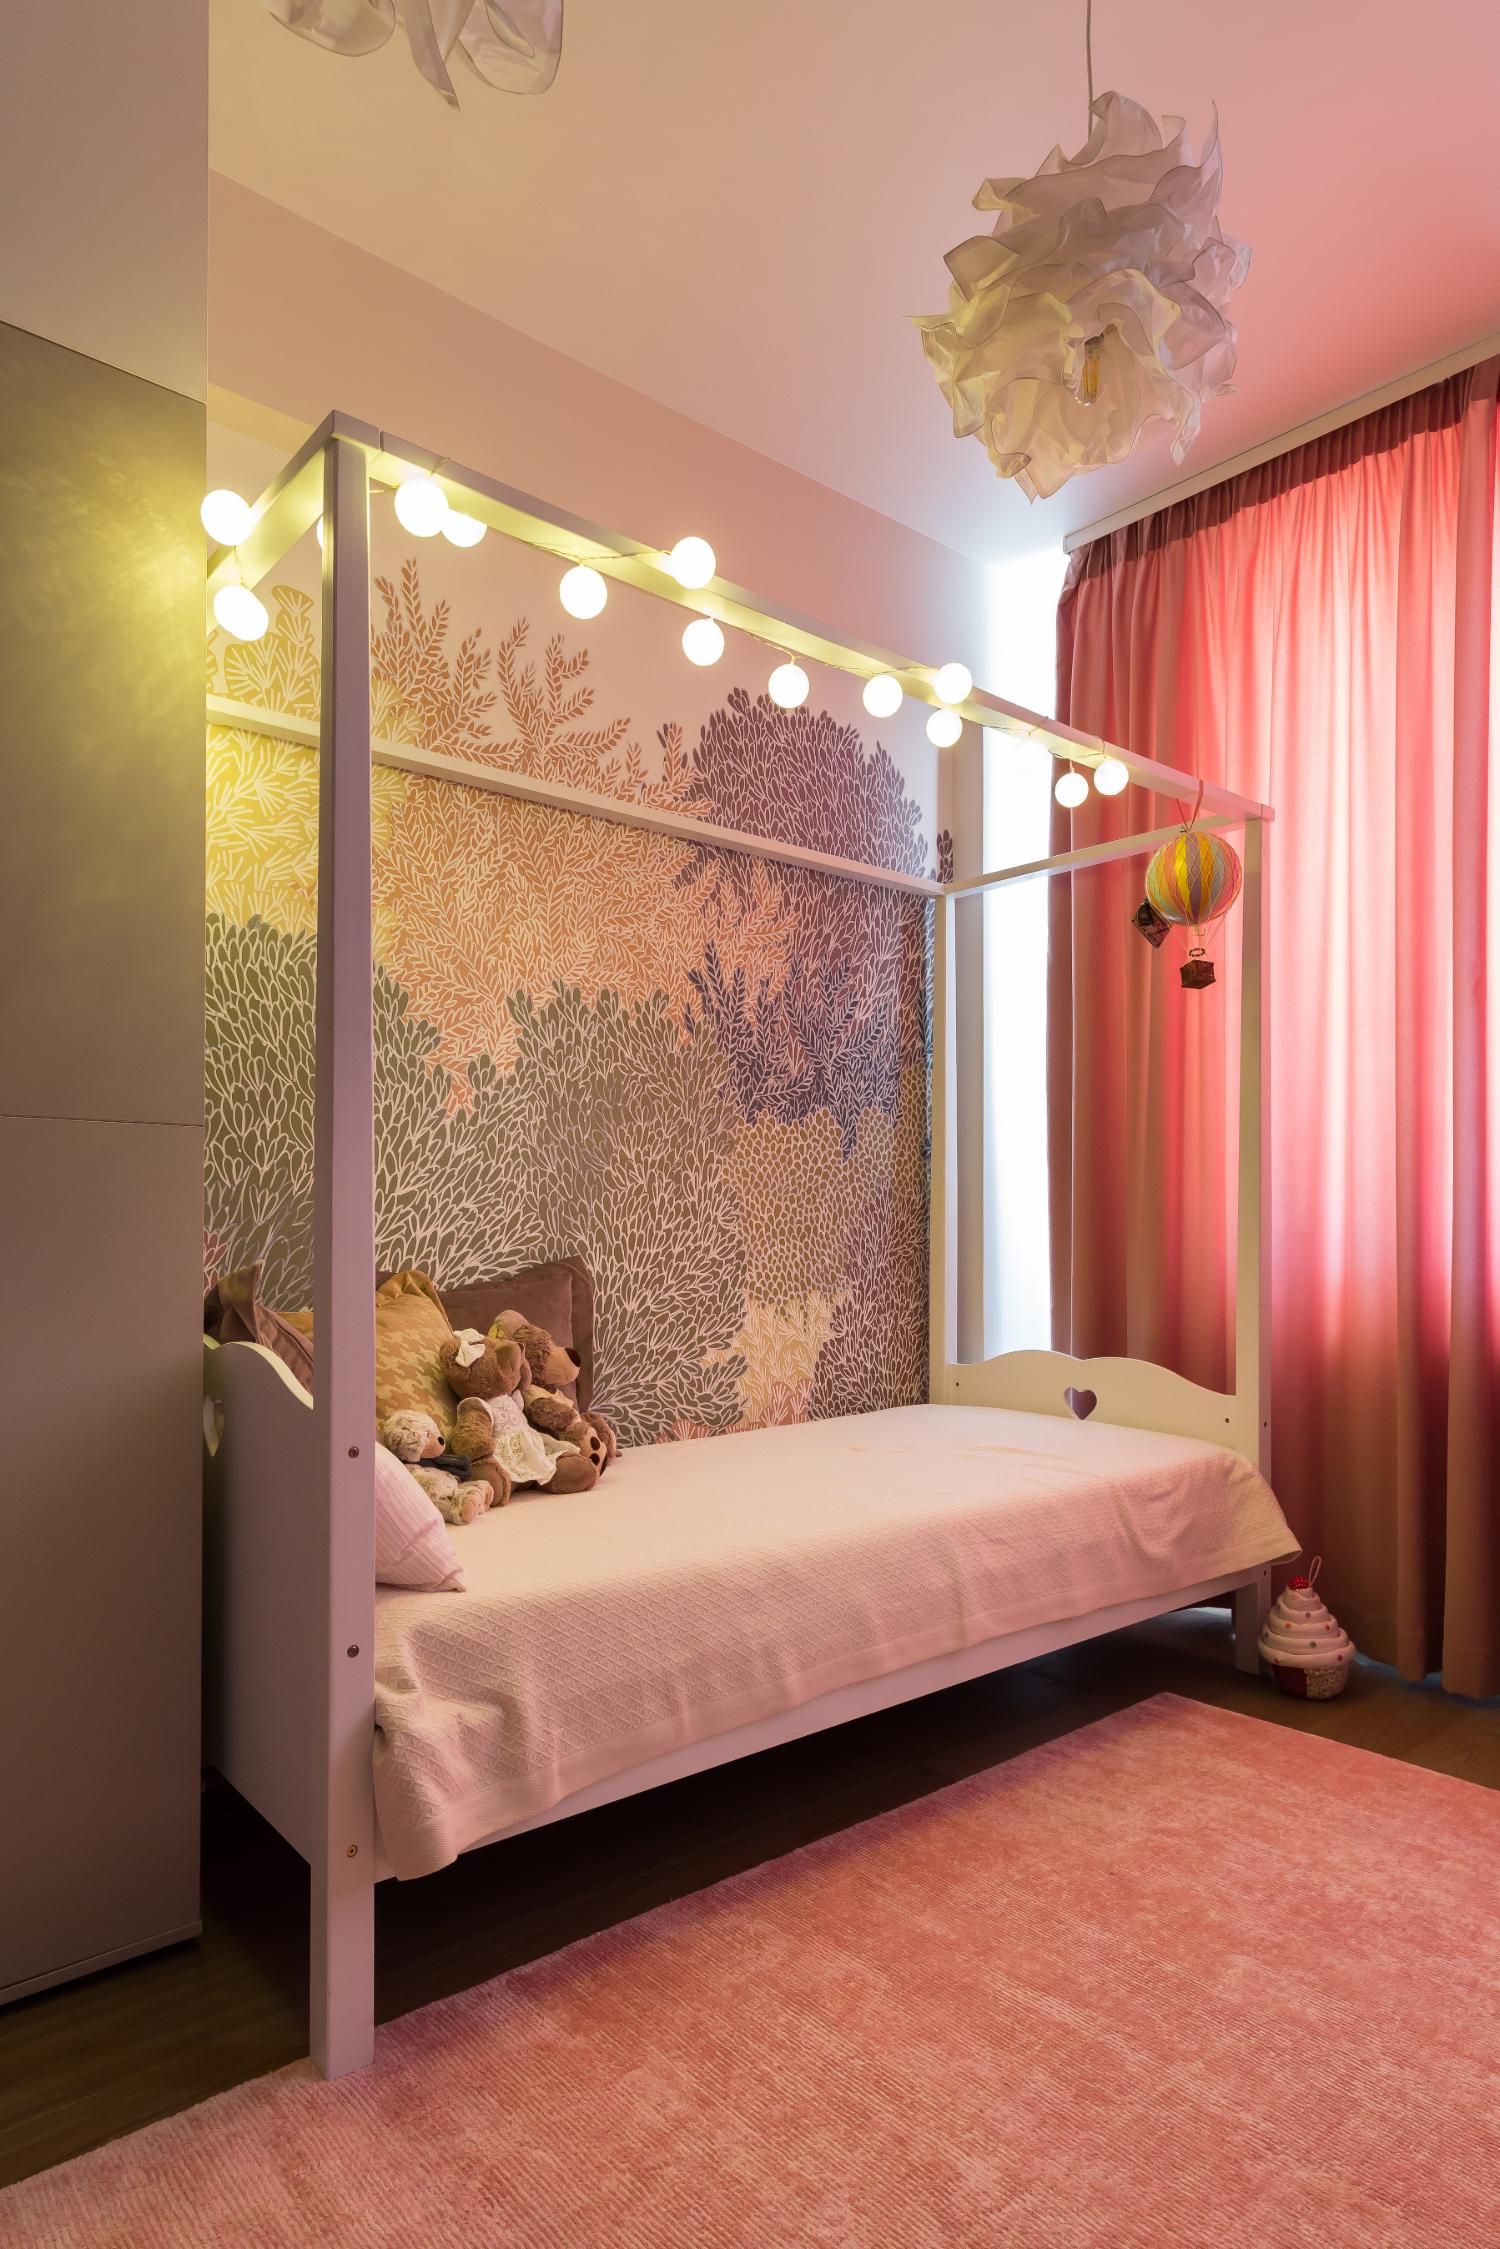 Amenajare cameră fetiță cu pat baldachin și roz. Acasă la Natalia Berezovskaia - Creativ Interior (2)